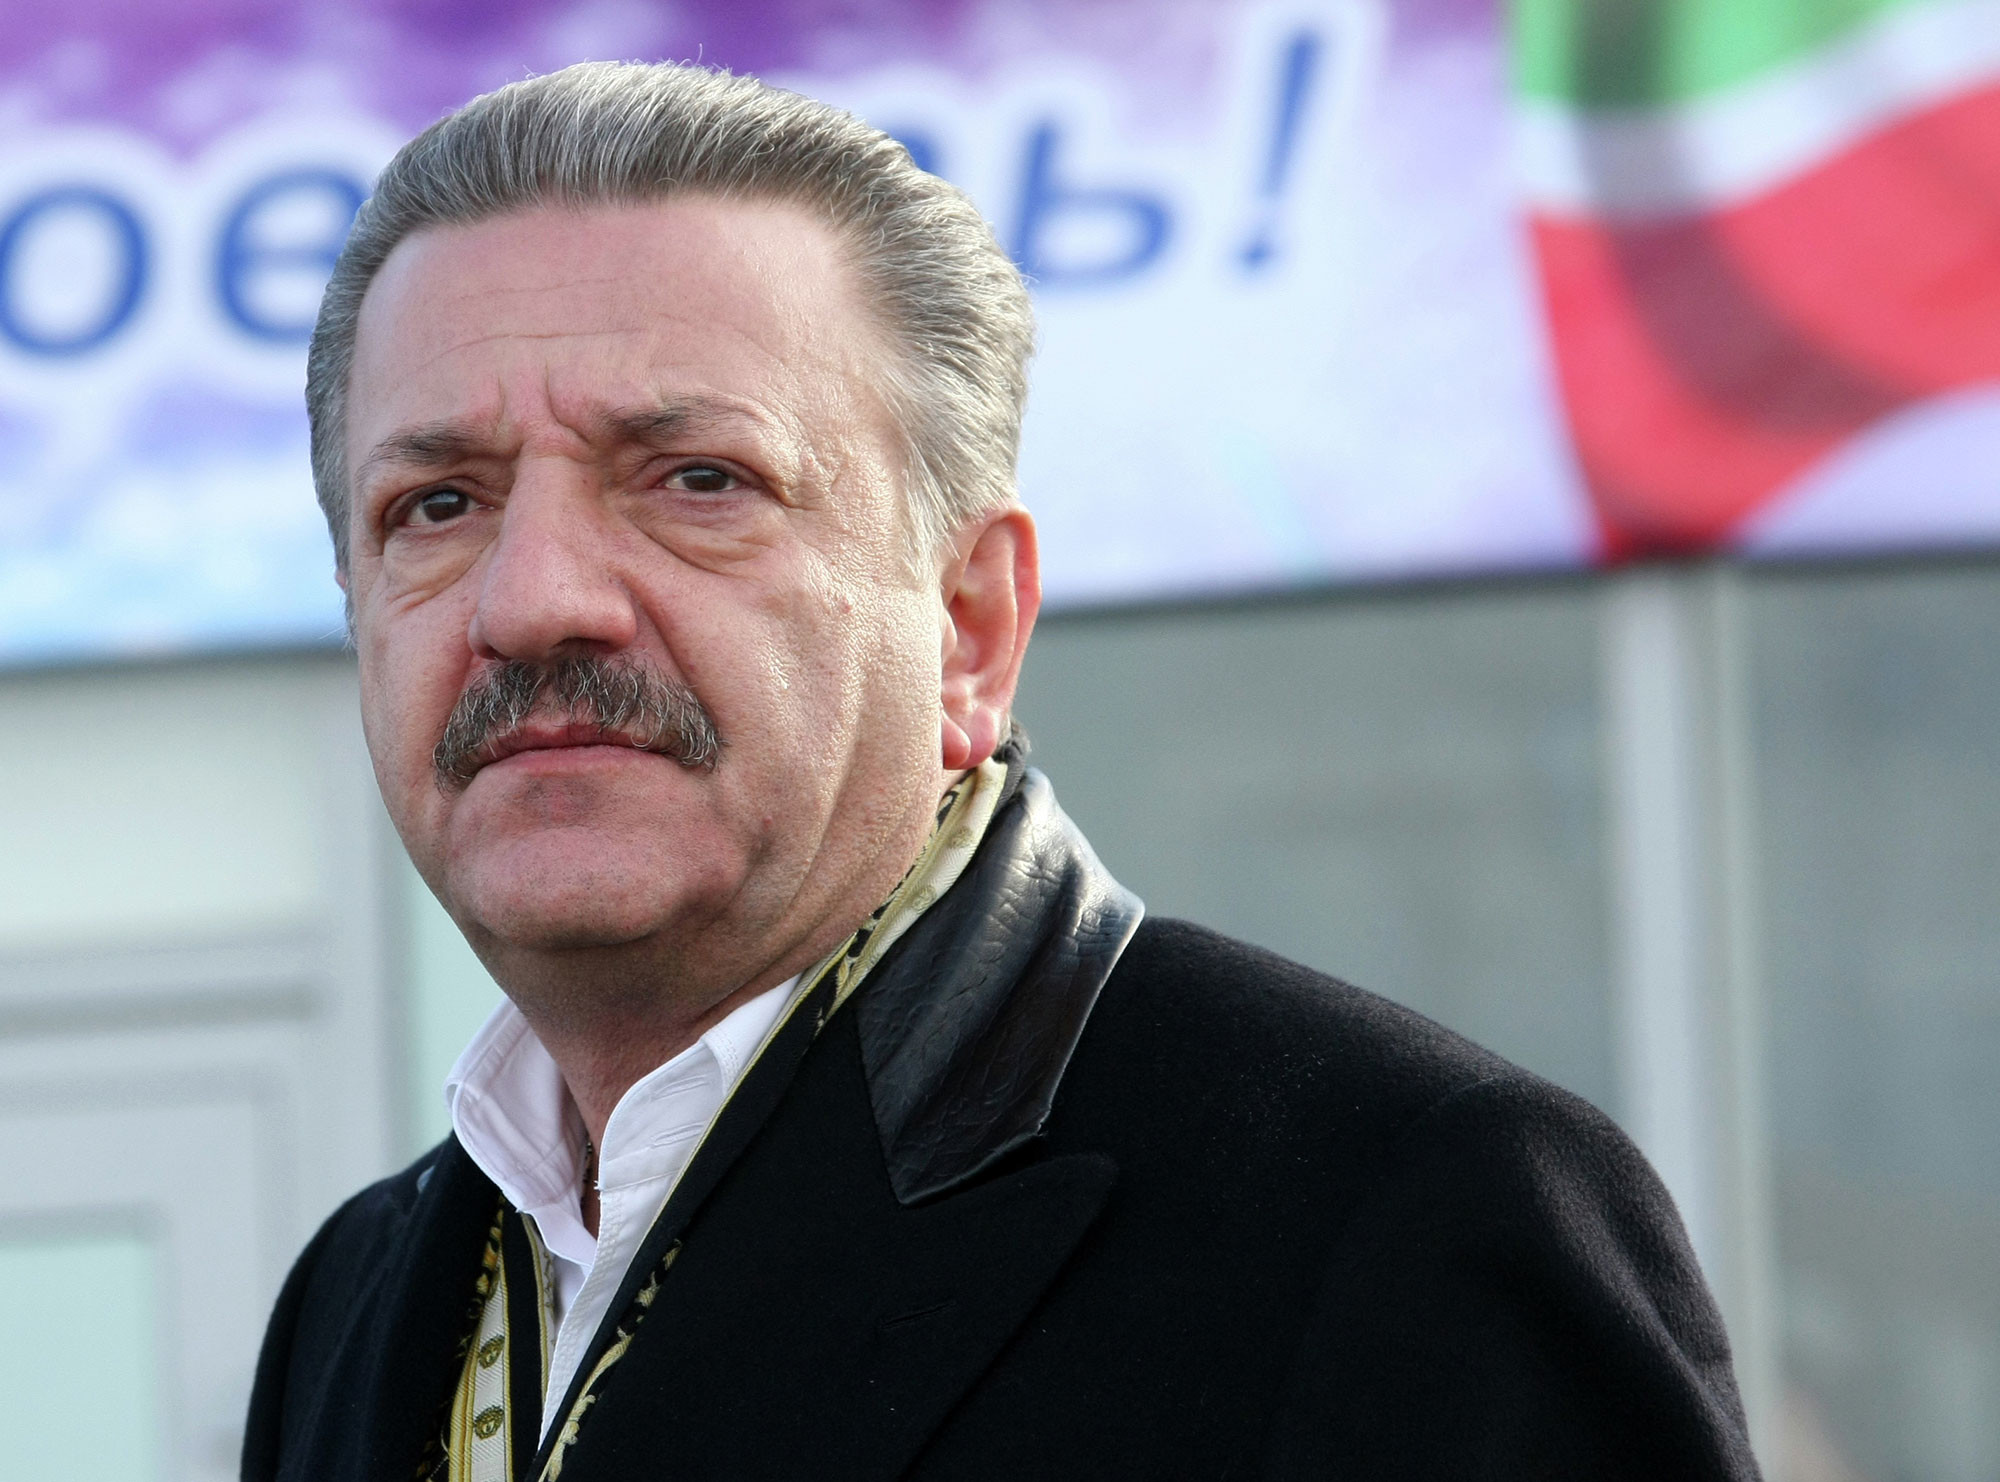 Тельман Исмаилов. Фото: © РИА Новости / Саид Царнаев